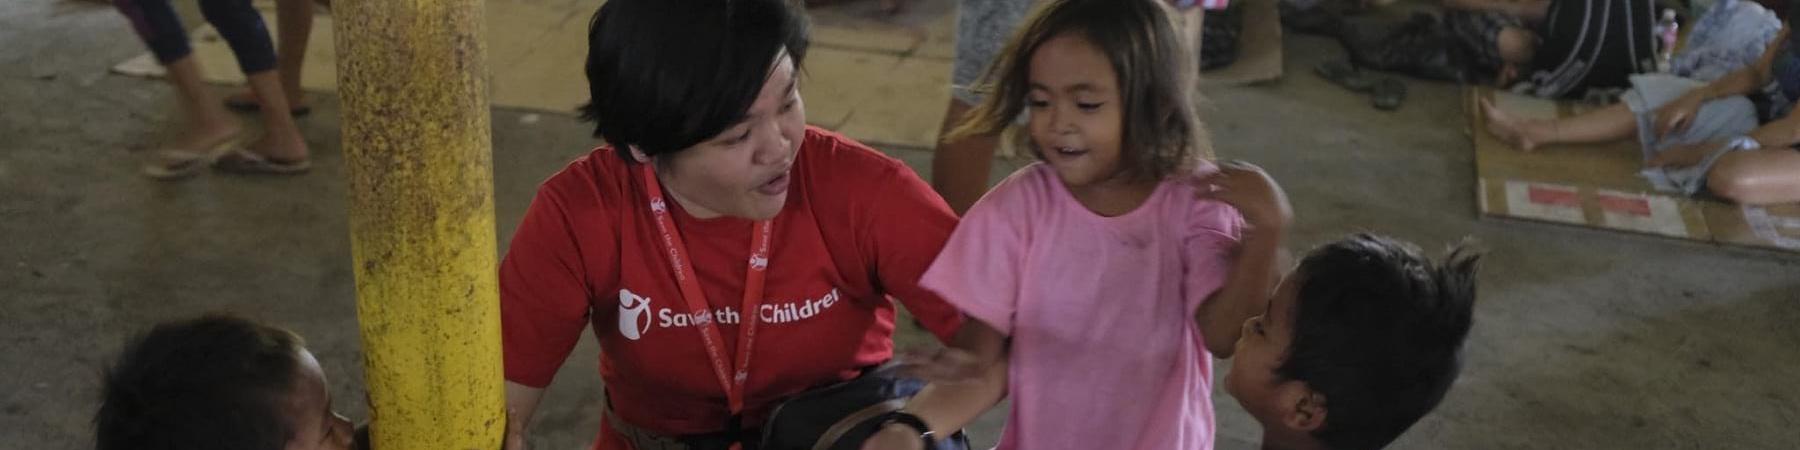 Operatrice save the children parla con bambini in spazio a misura di bambino allestito nelle Filippine per emergenza eruzioni vulcano Taal